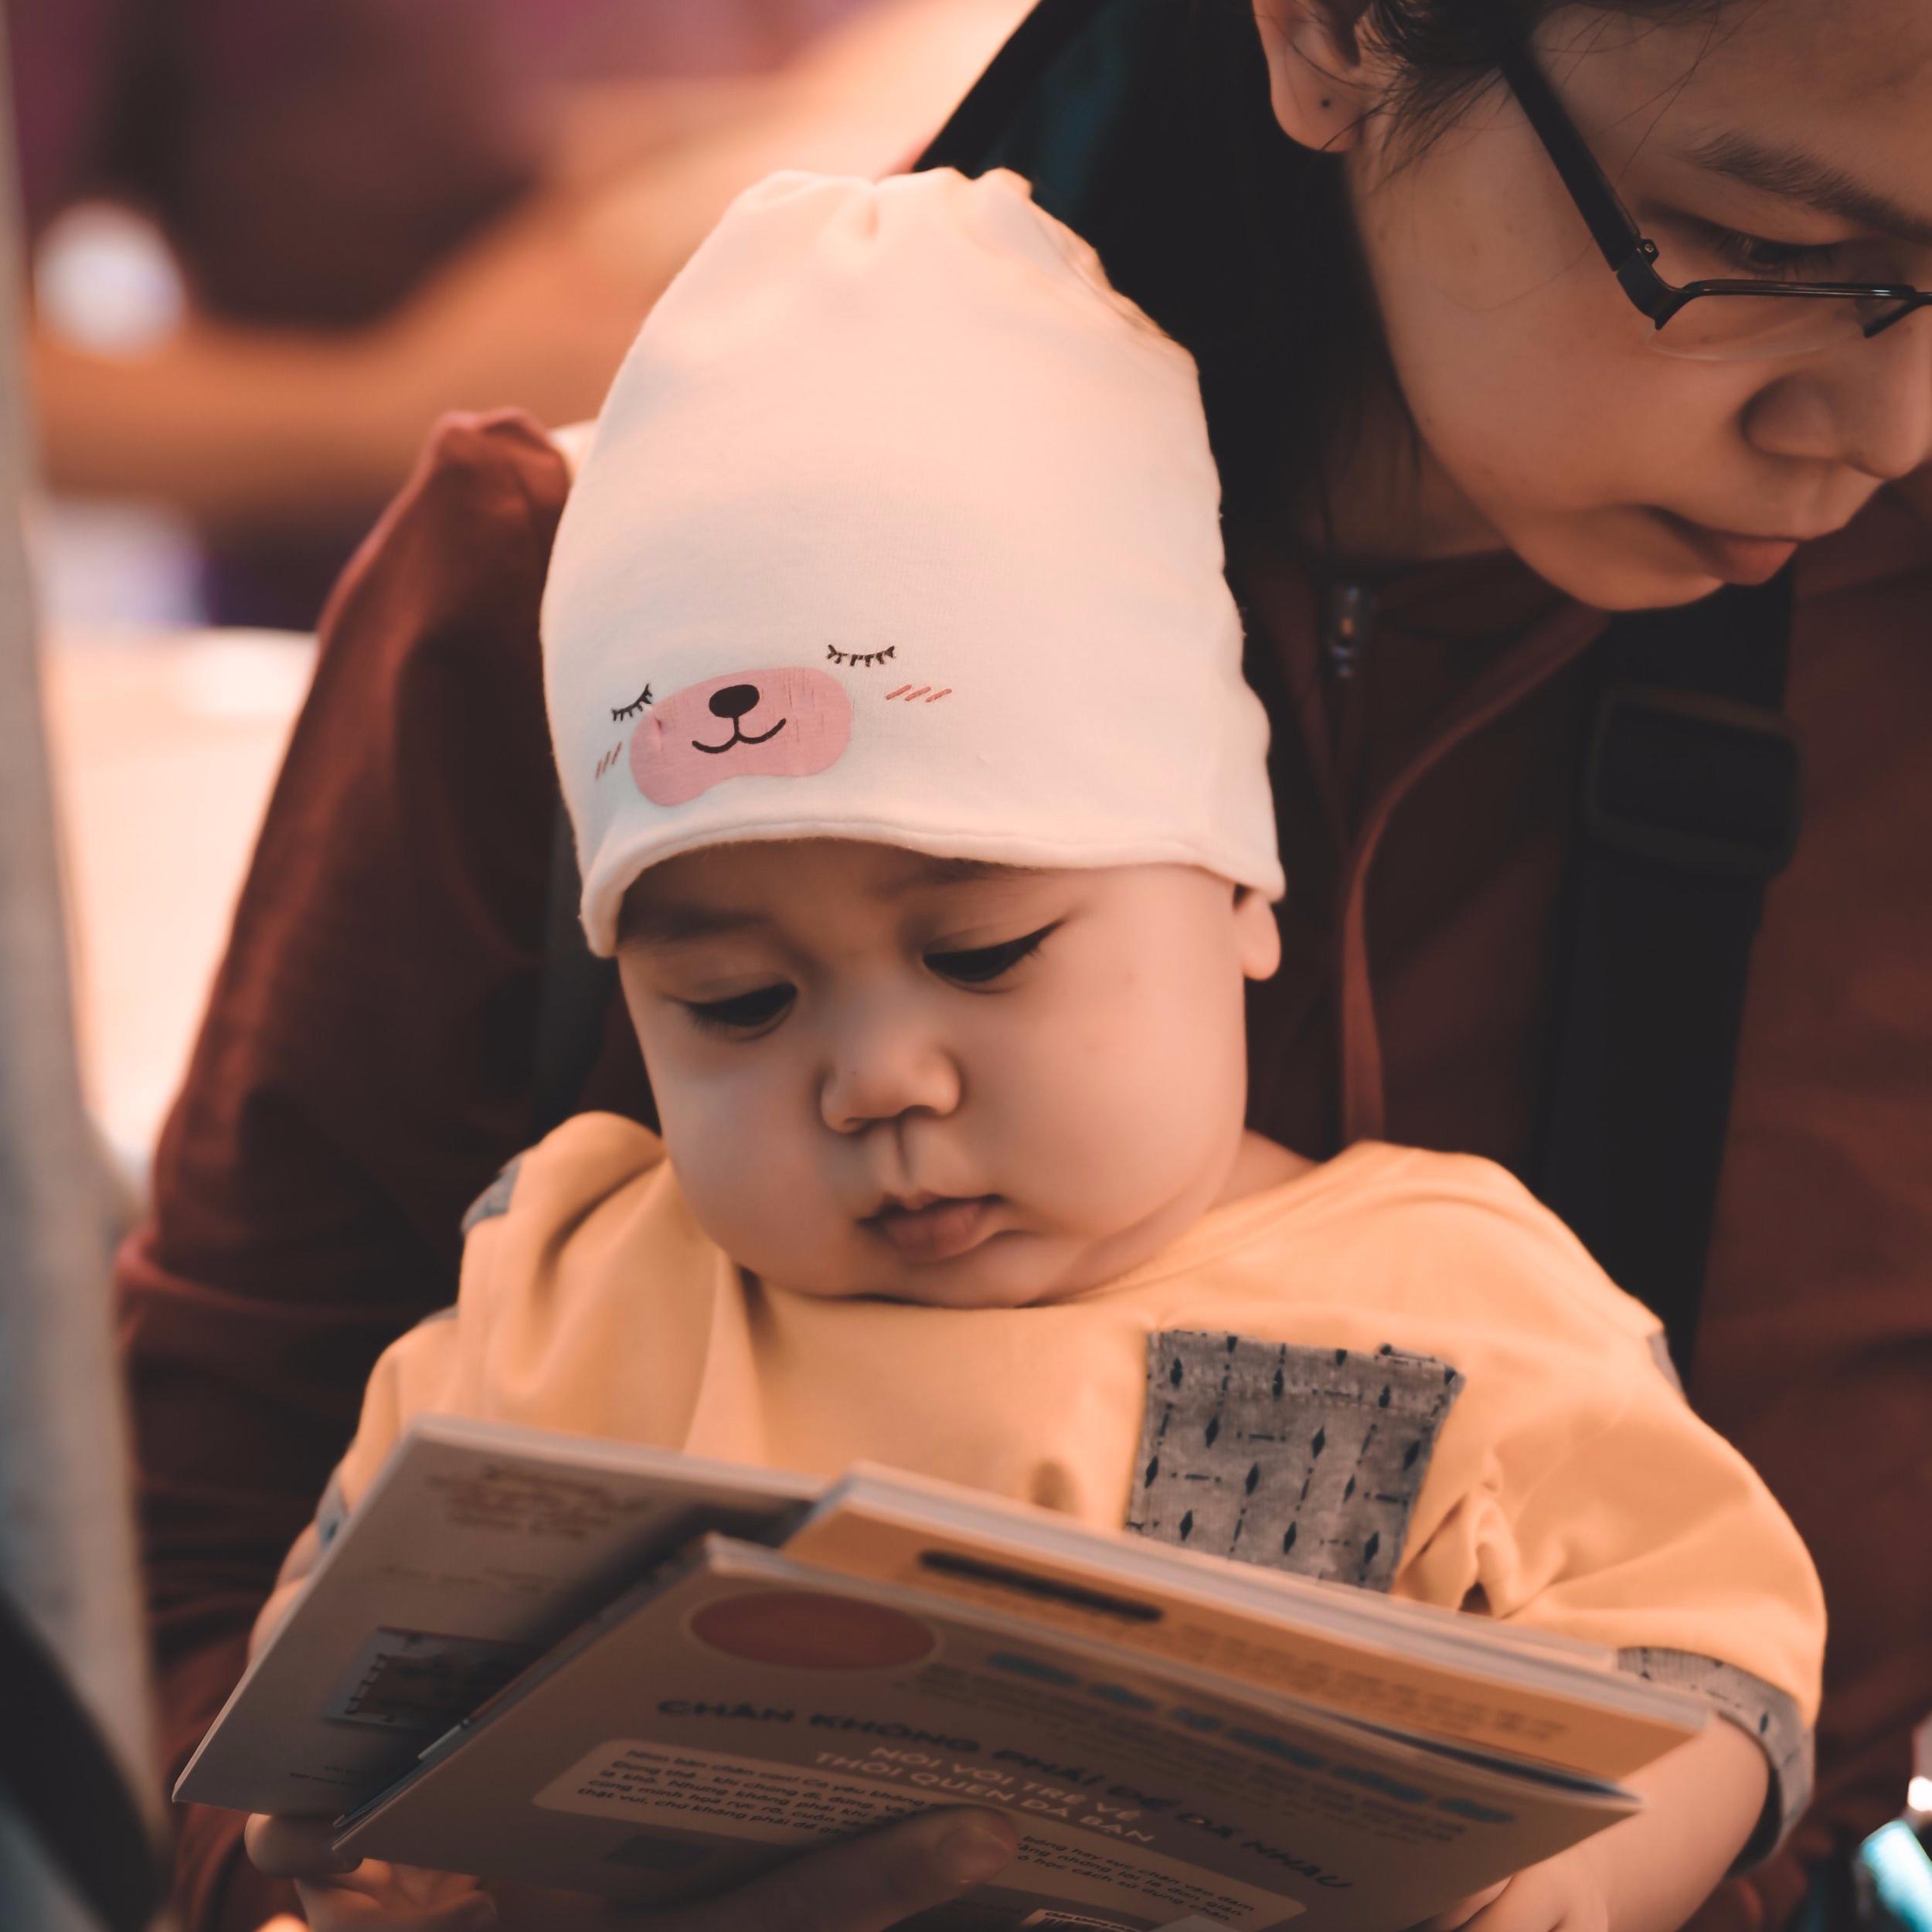 baby-child-cute-2123530.jpg